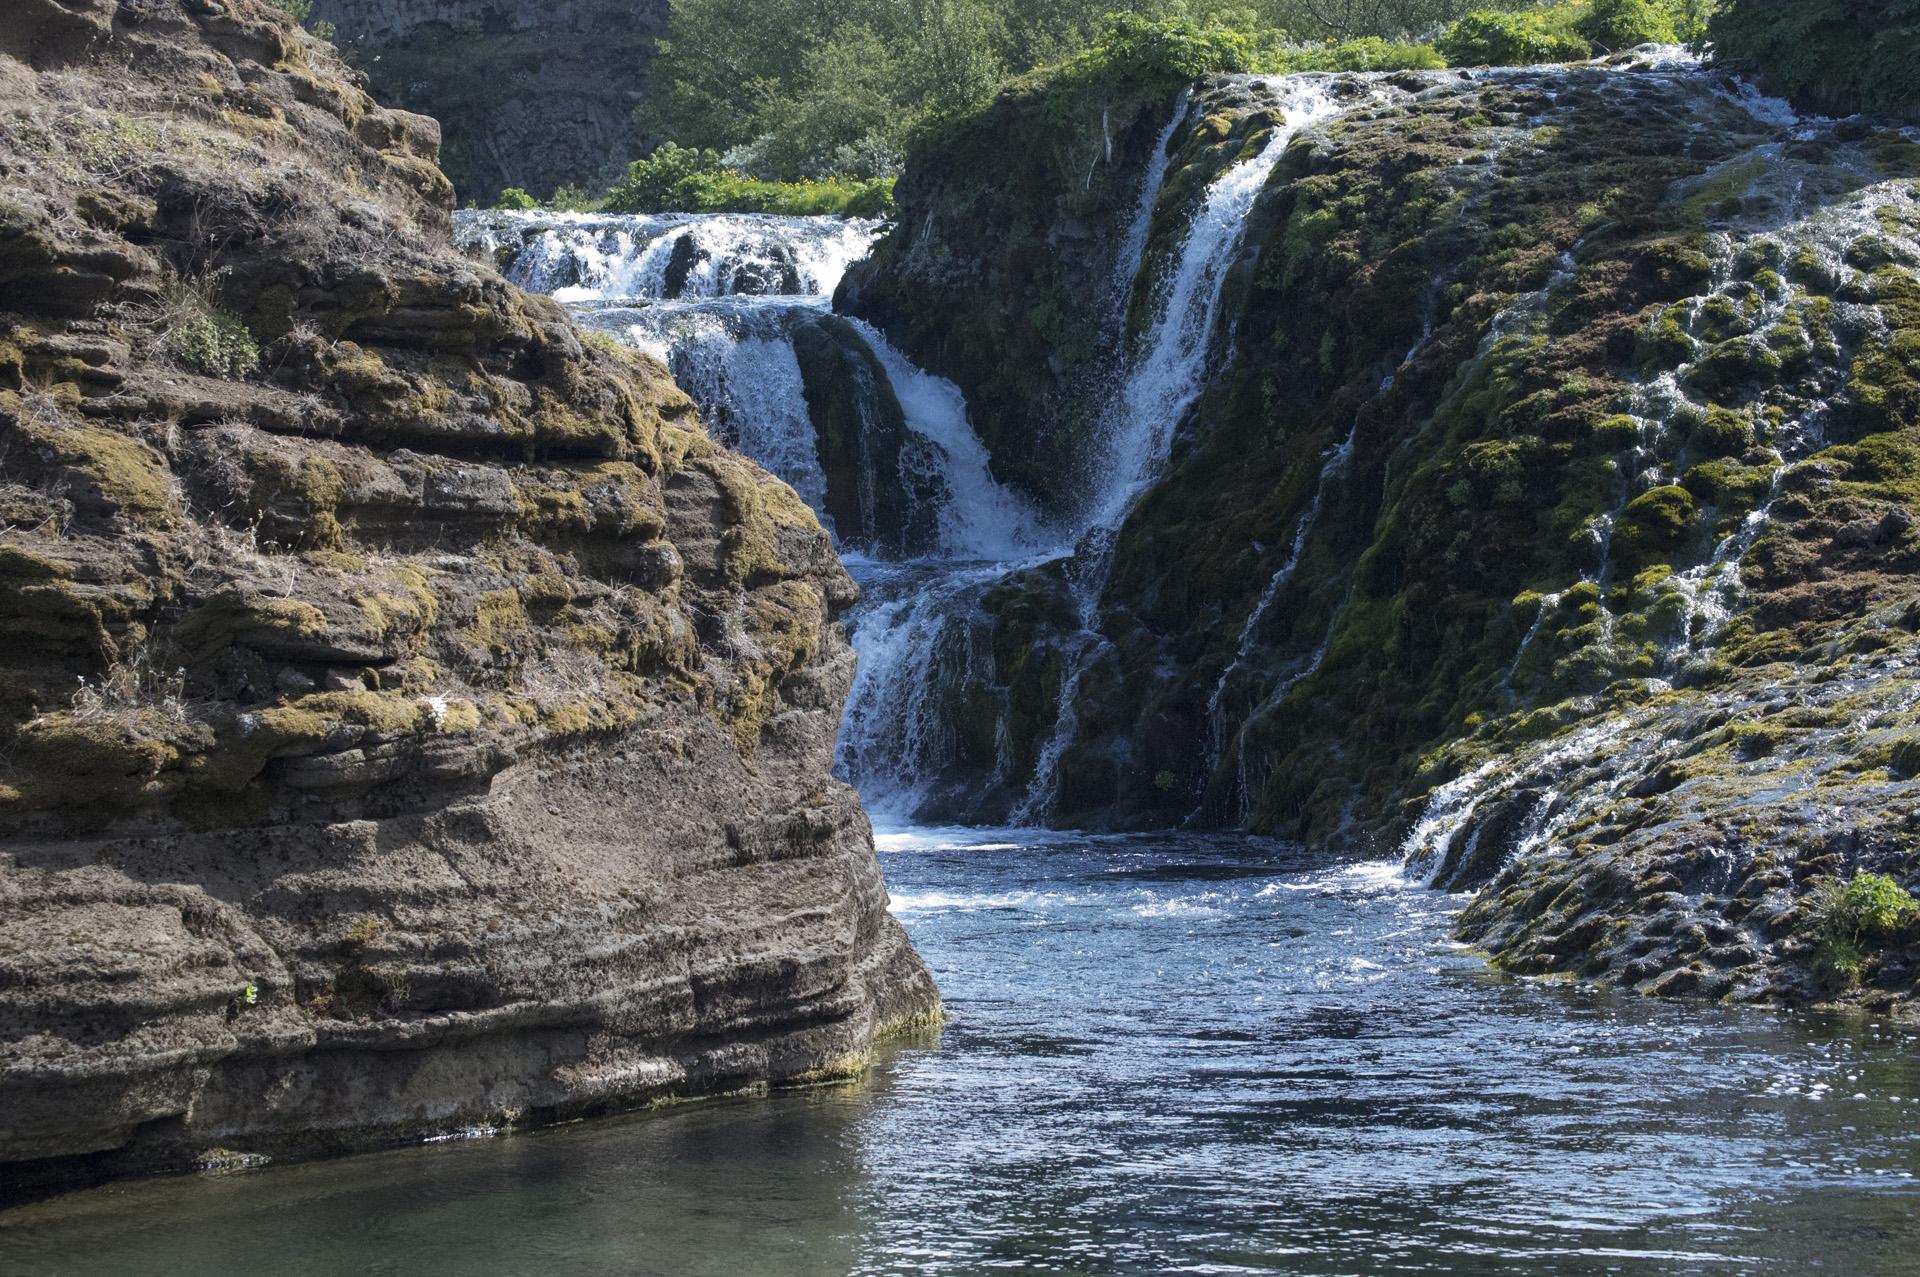 Rauðá river, Gjáin area, Þjórsárdalur valley, Árnessýsla, Suðurland region, Iceland.